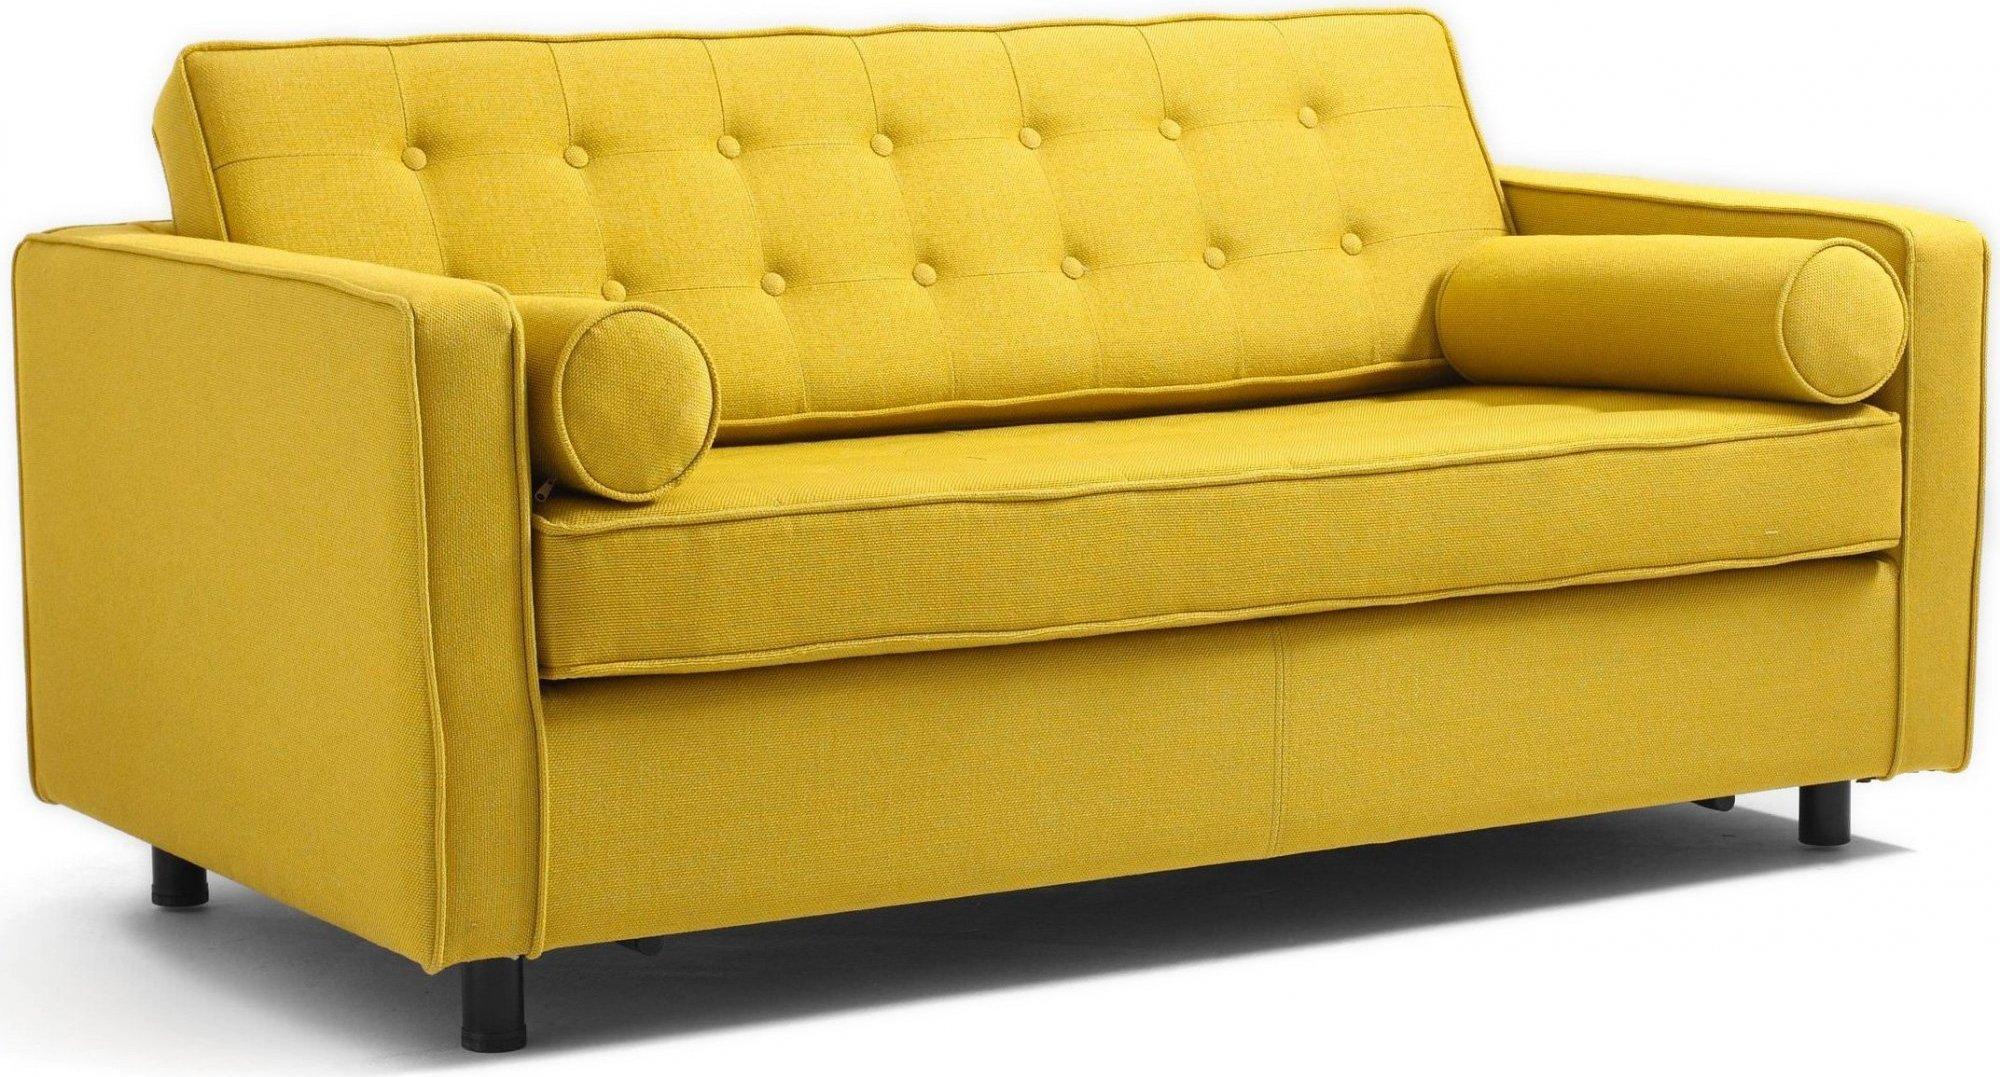 Canapé 2 places tissu jaune h34cm